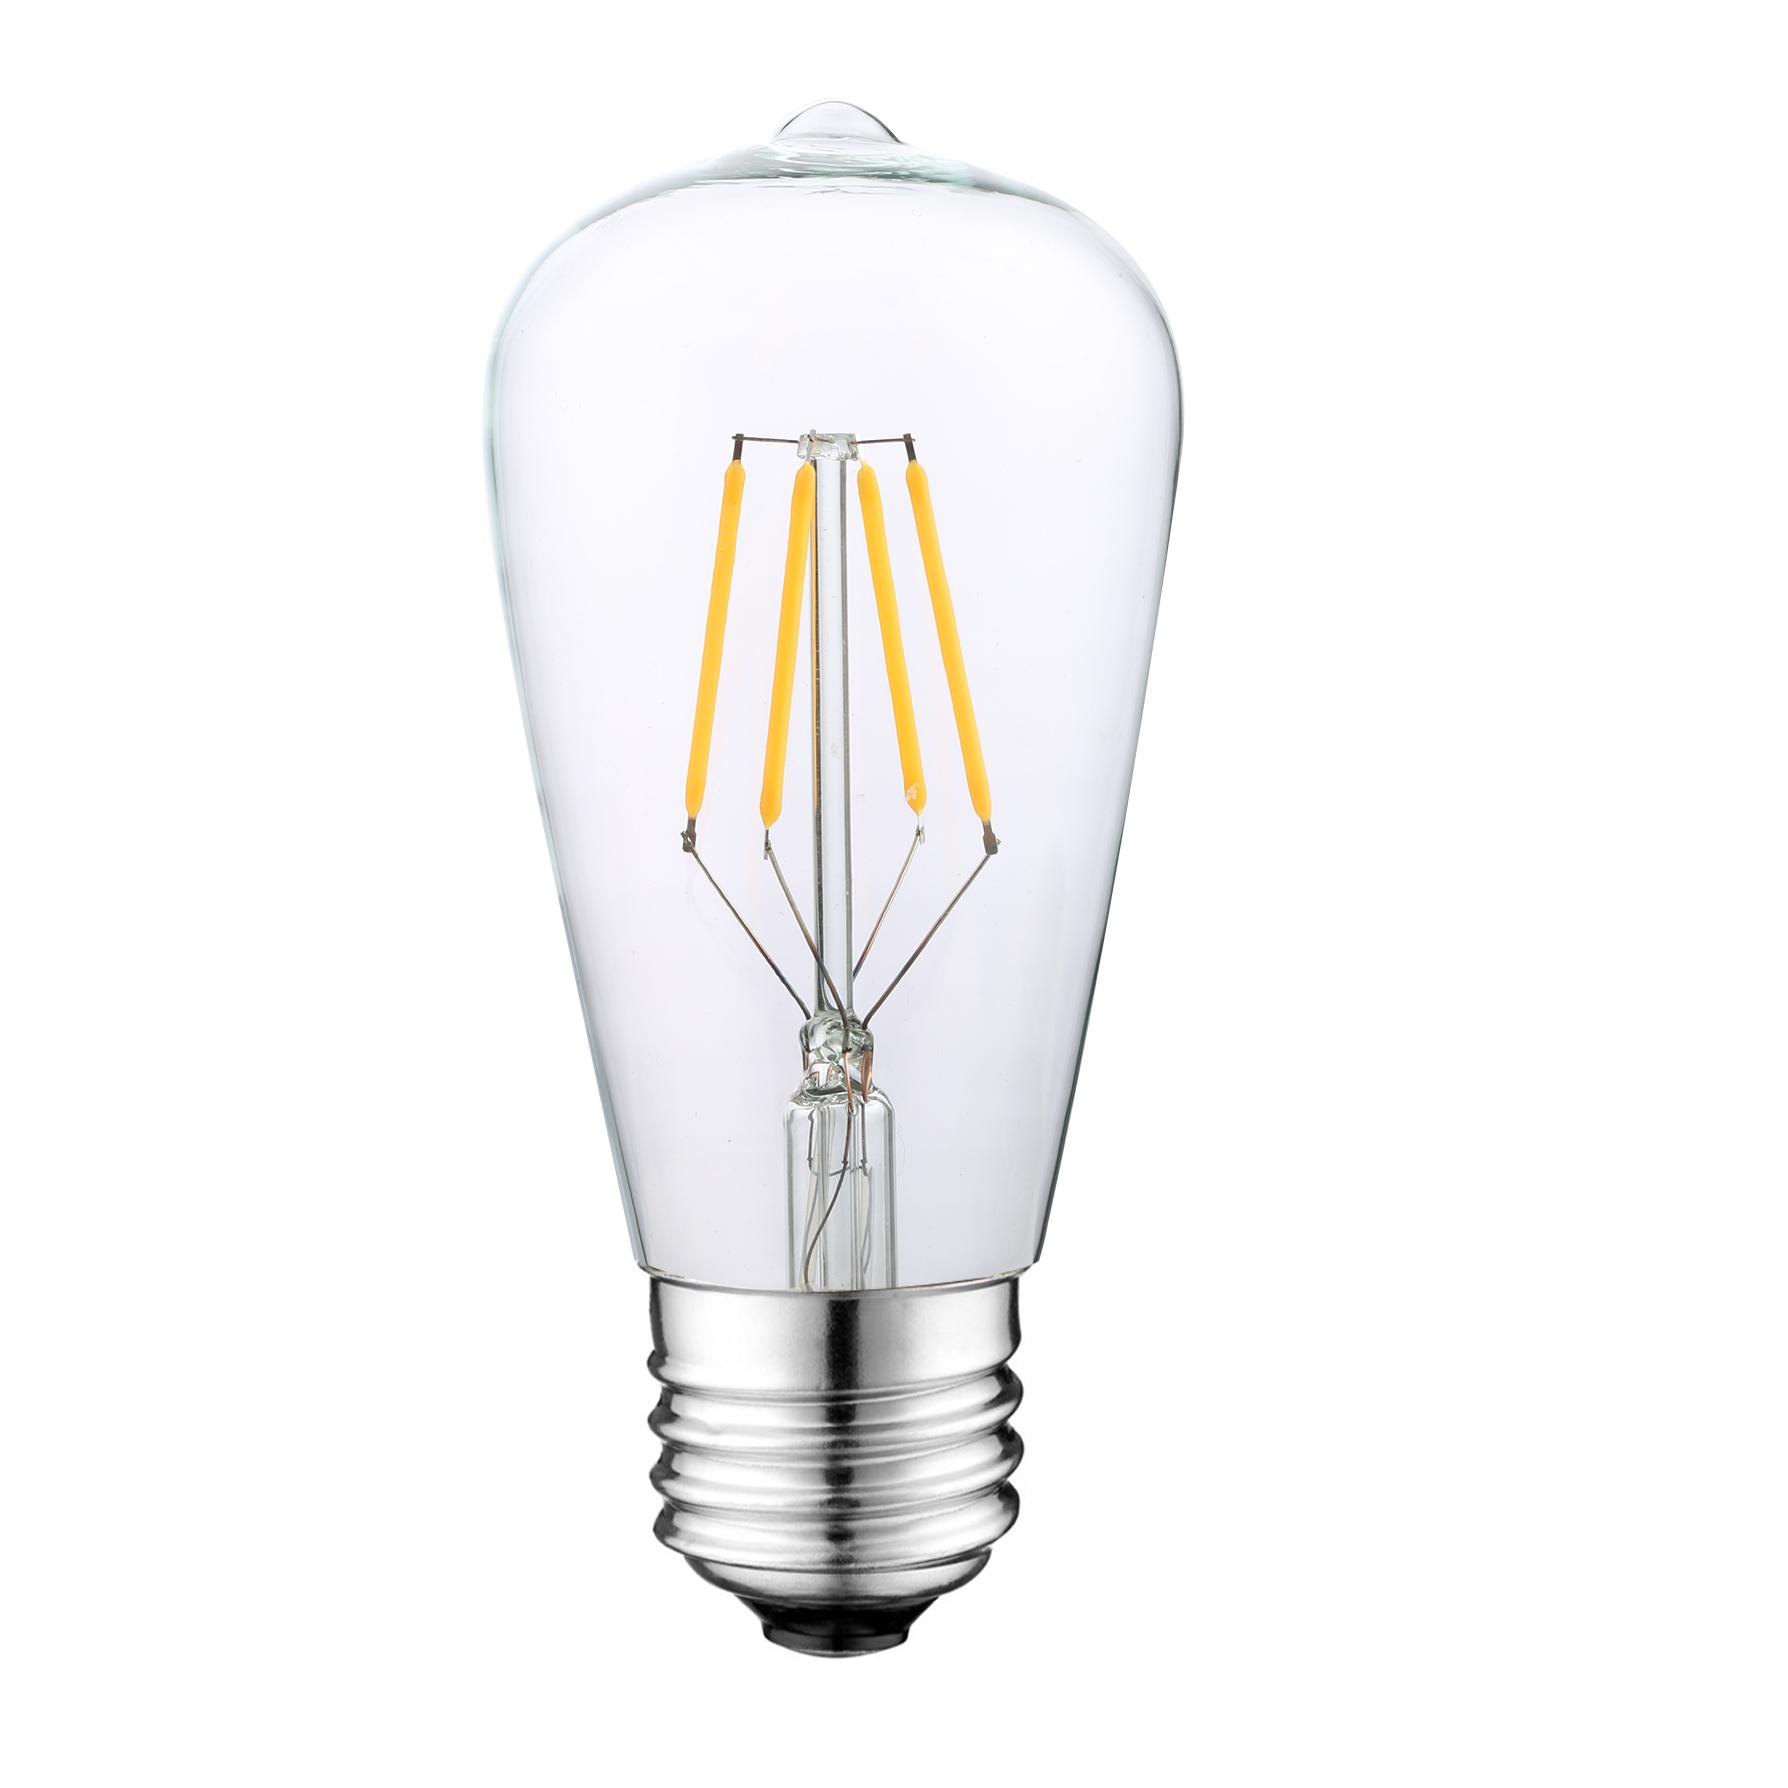 UL Listed ST64 LED Vintage light bulbs